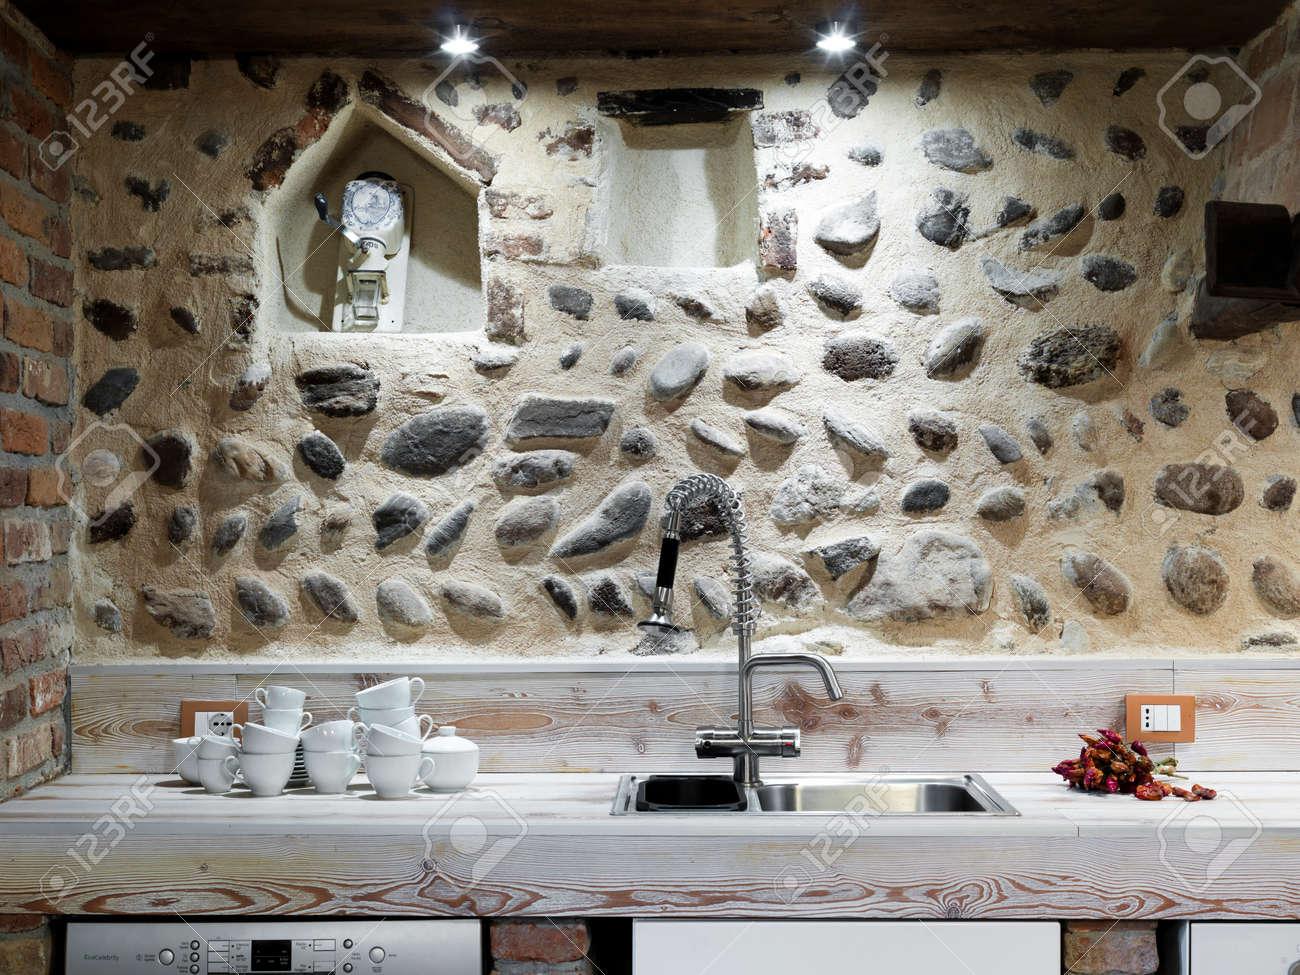 gerichte in der nähe in einem rustikalen küche mit steinwand